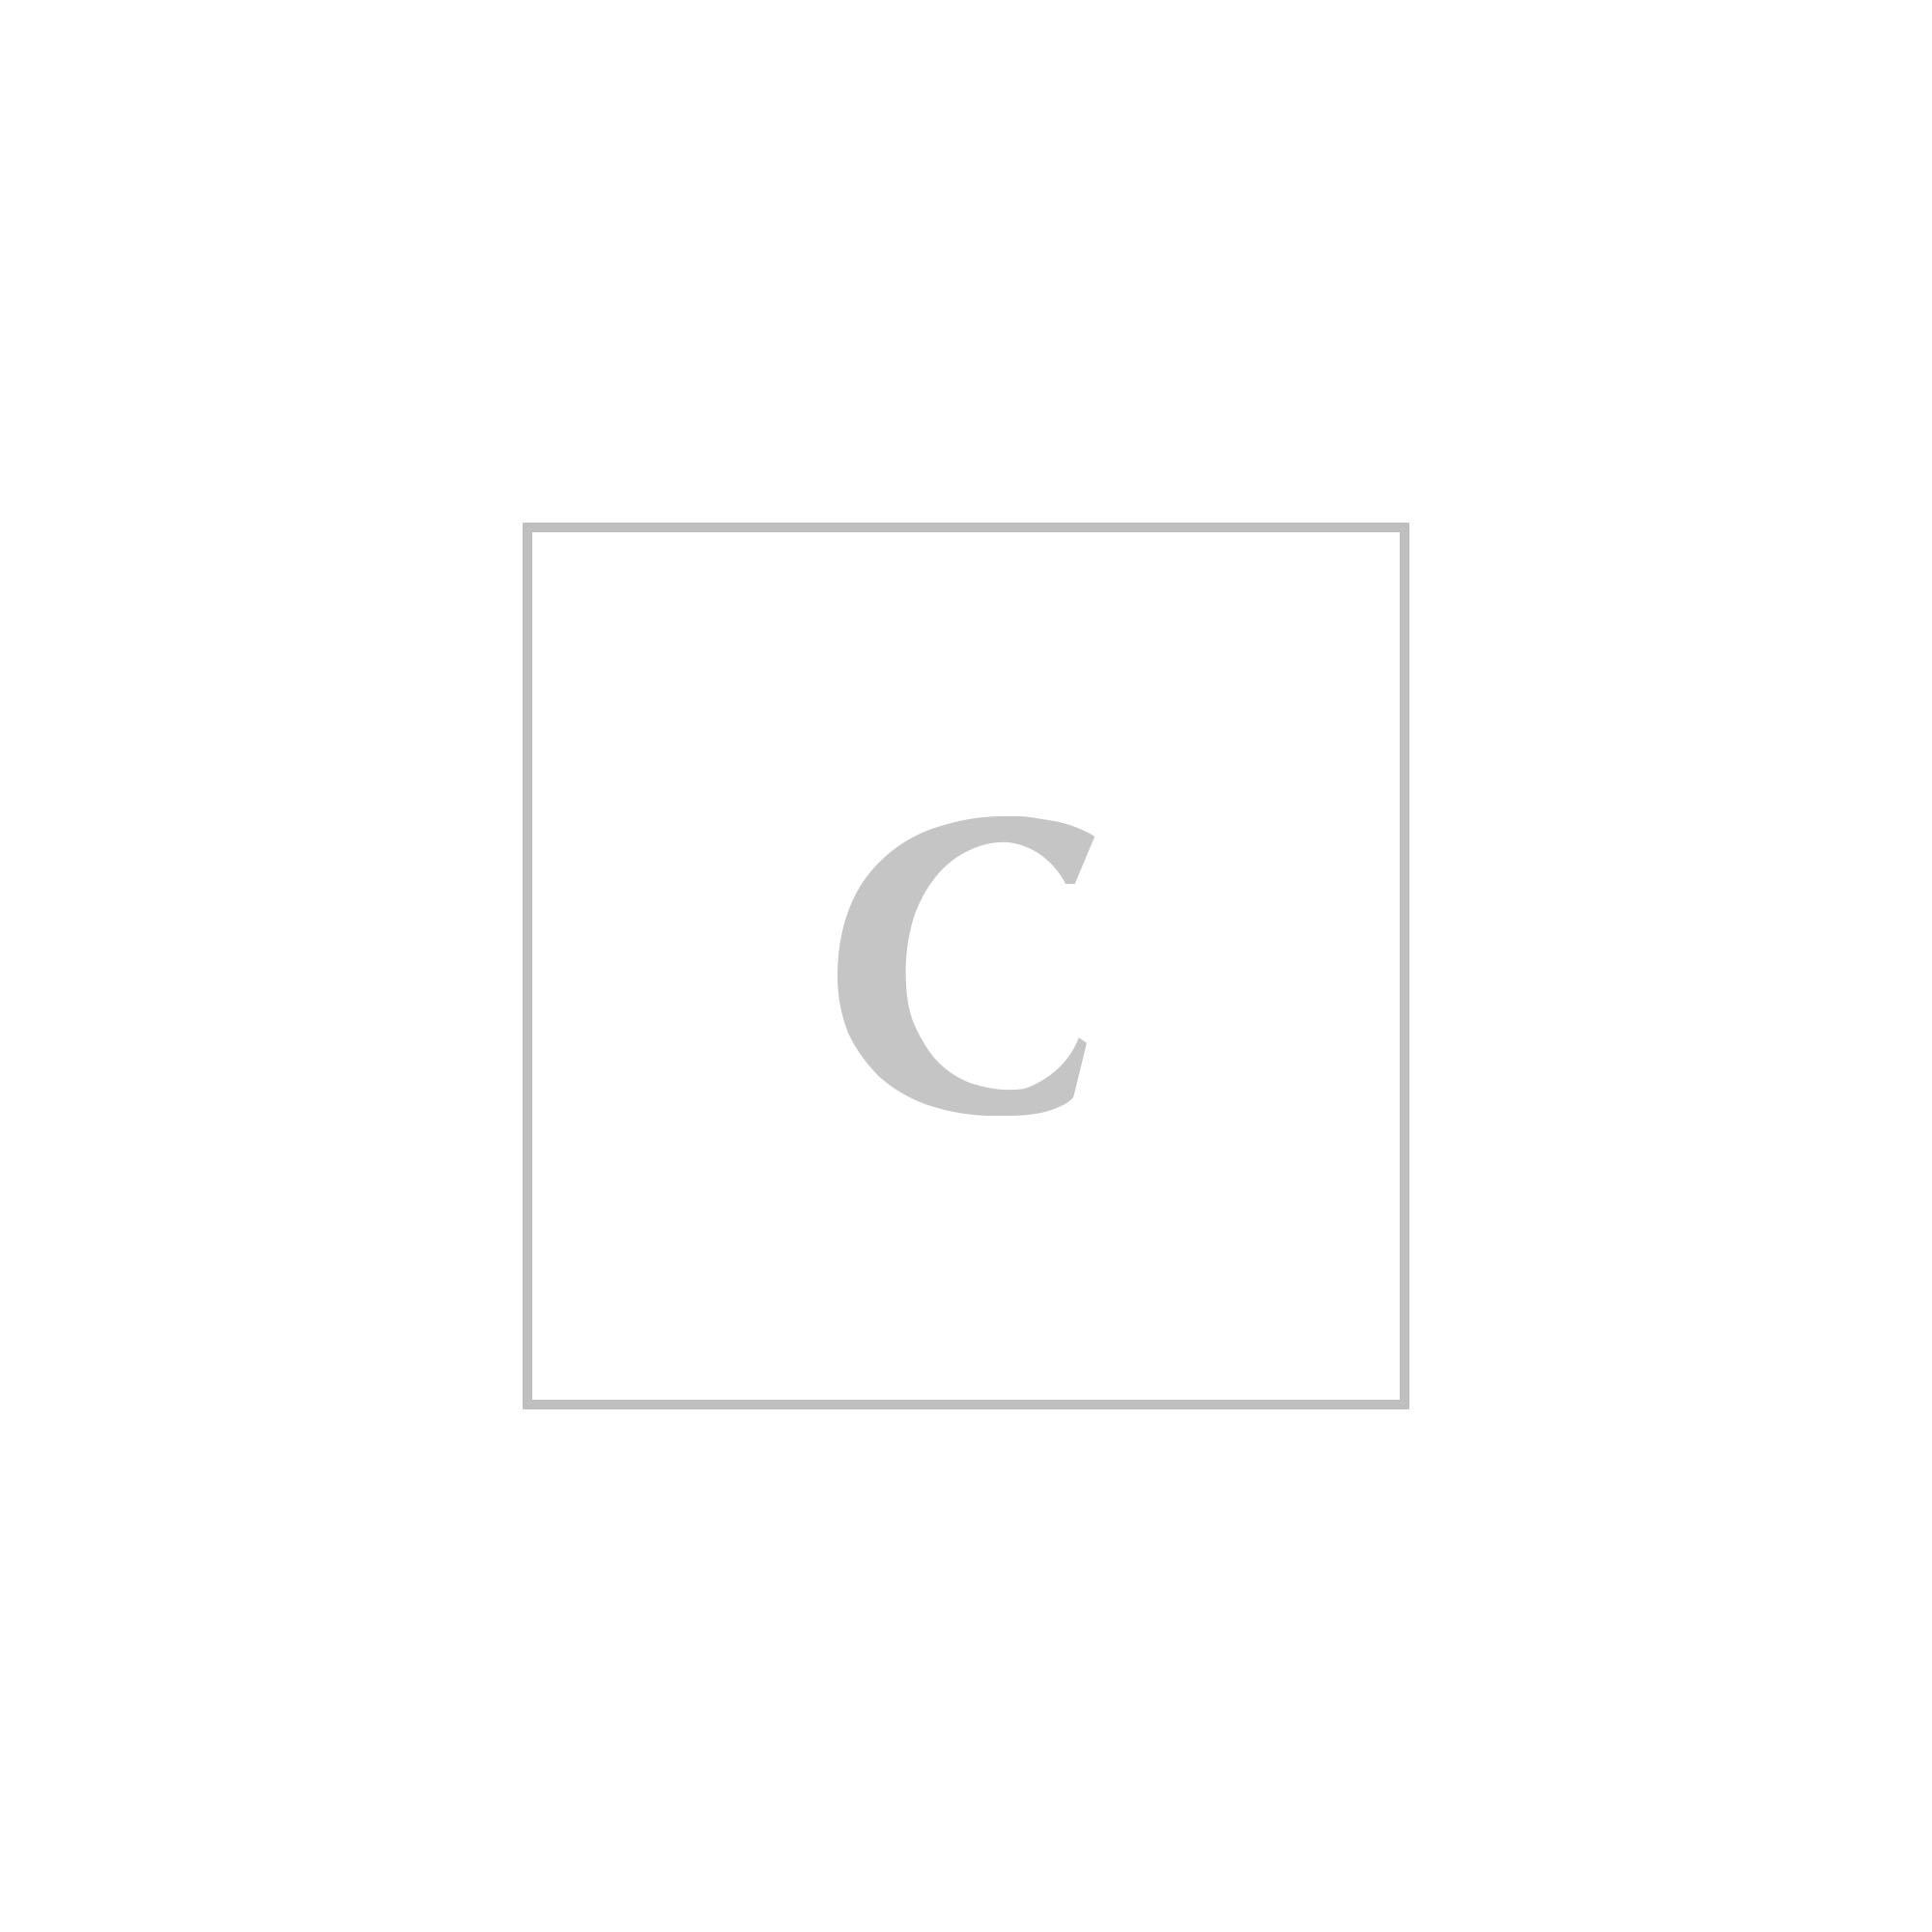 Burberry macken small clutch